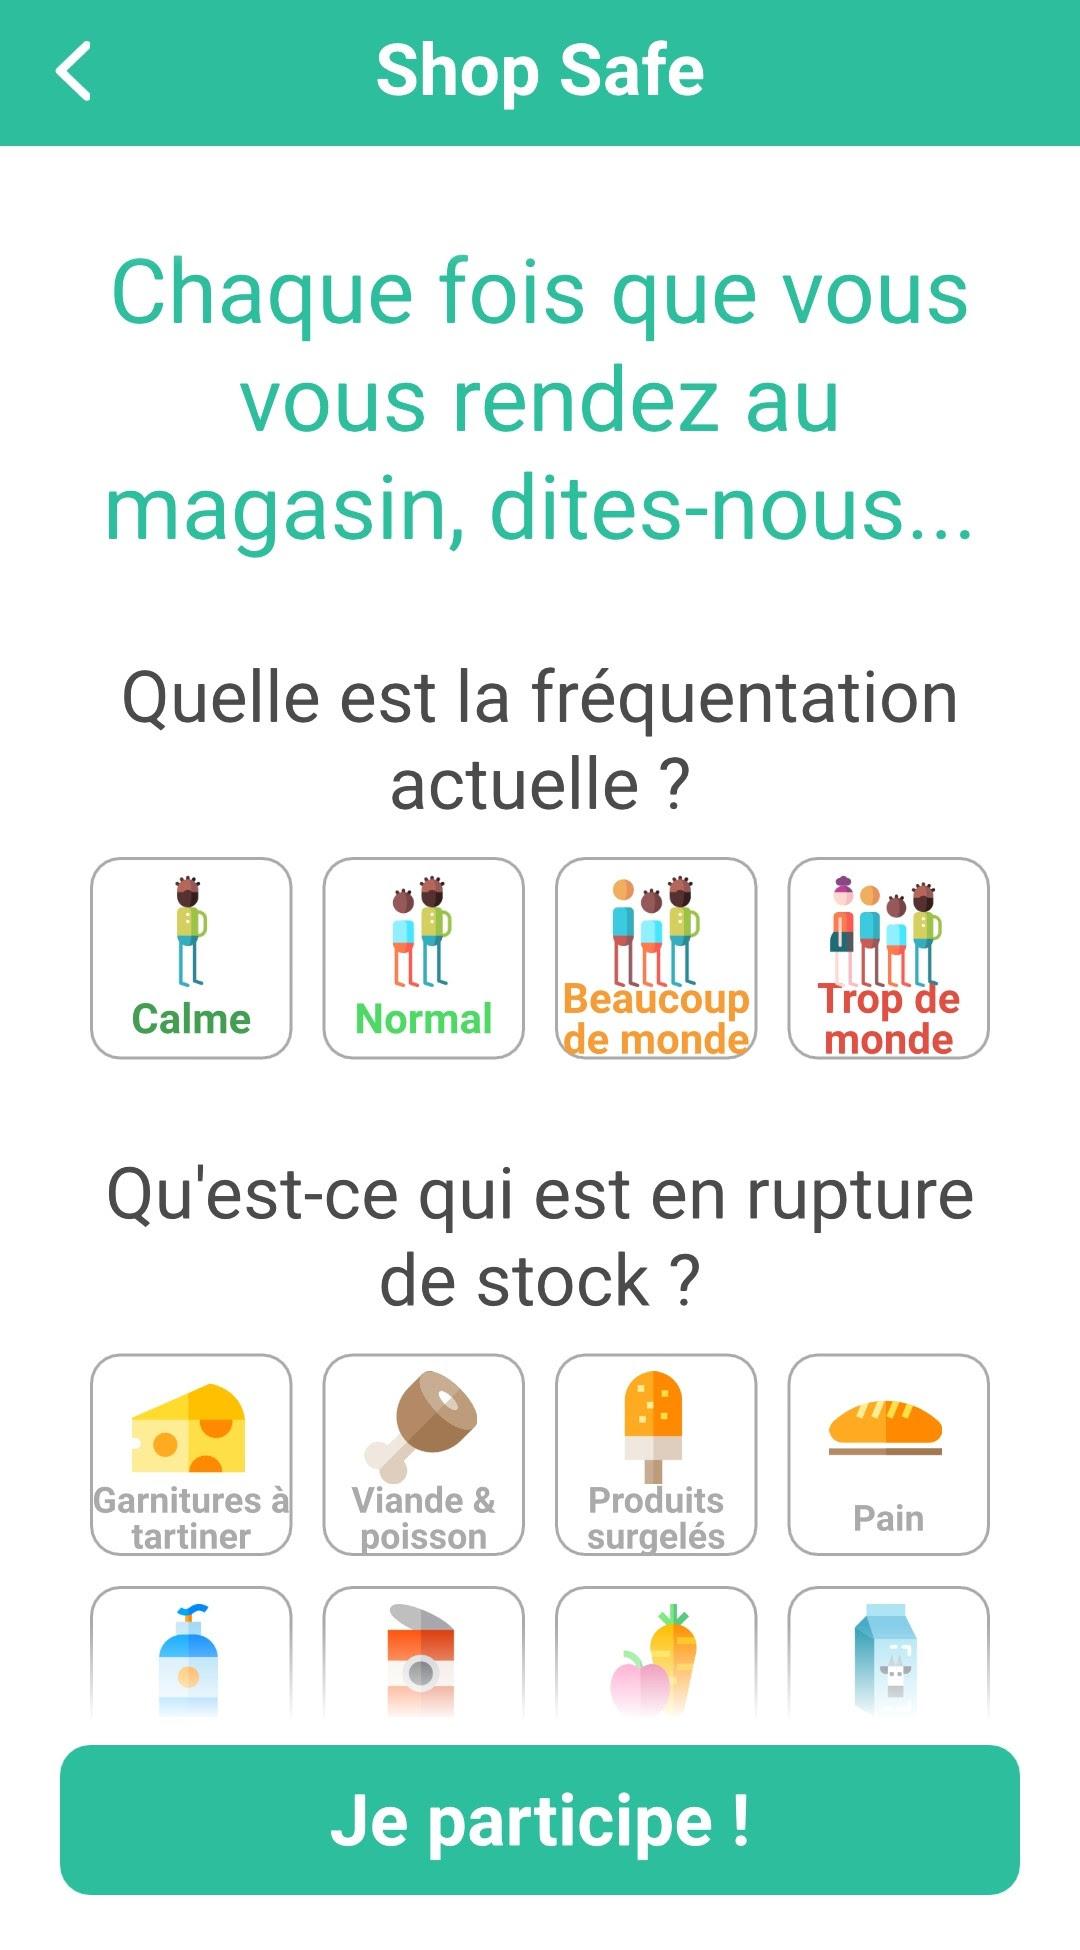 Solidarité : l'application ShopSafe vous aide à faire vos courses sans stress - 1